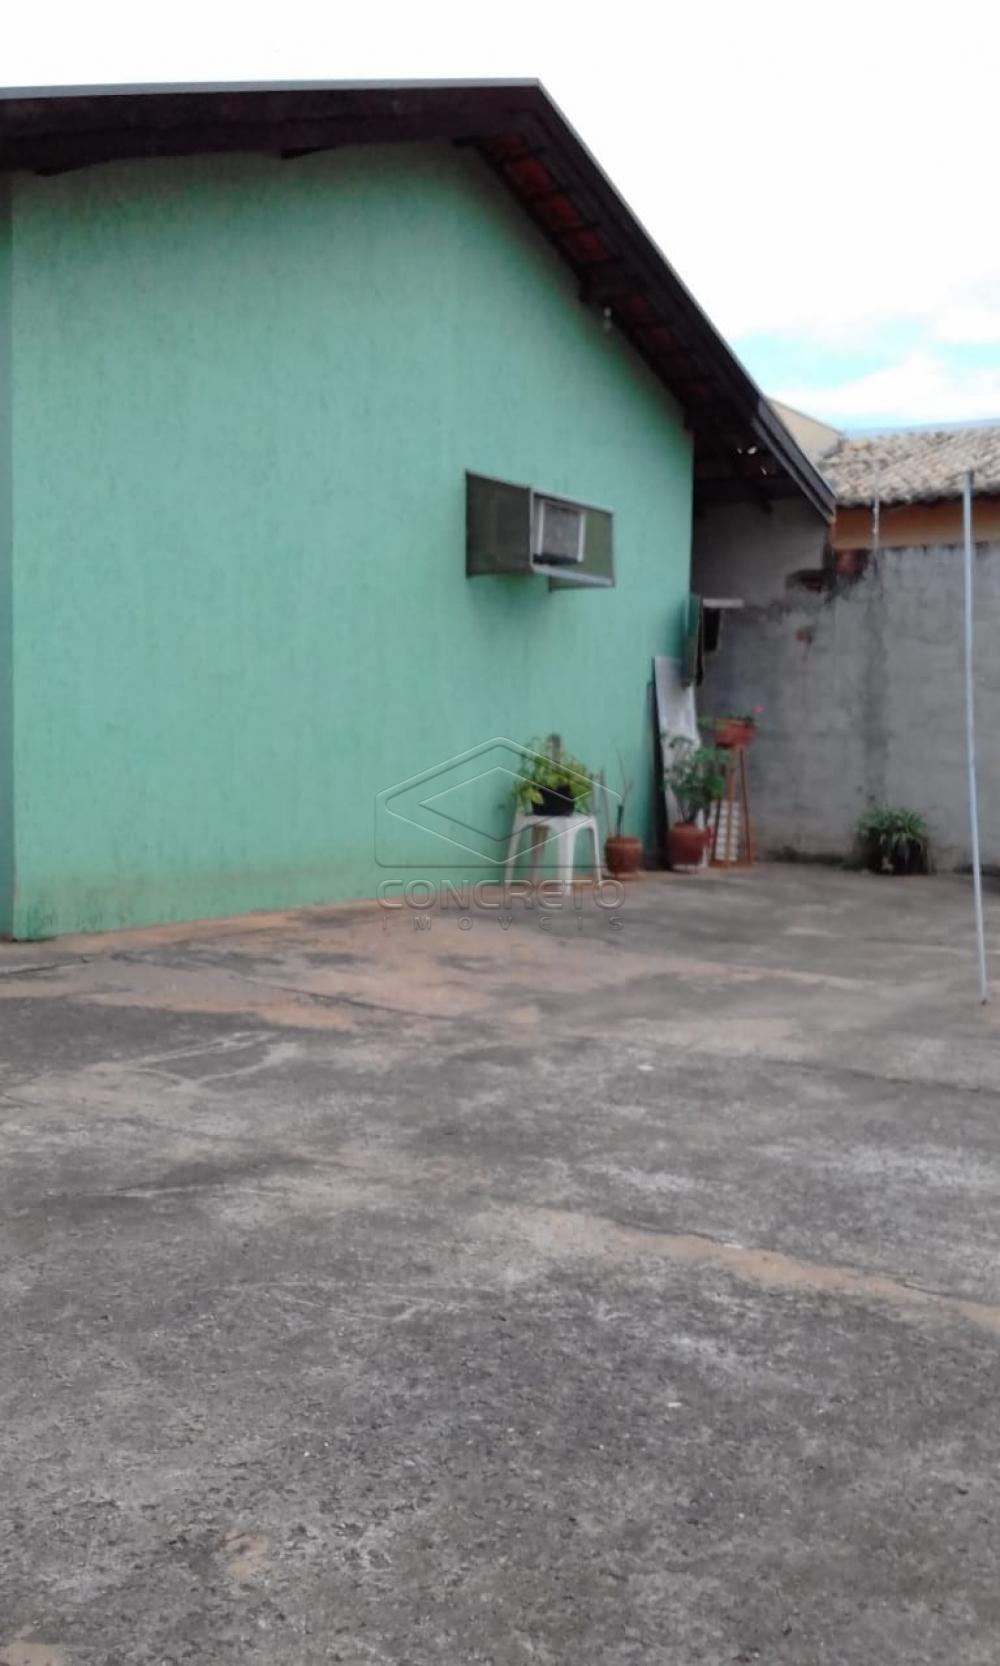 Comprar Casa / Padrão em Bauru apenas R$ 200.000,00 - Foto 10